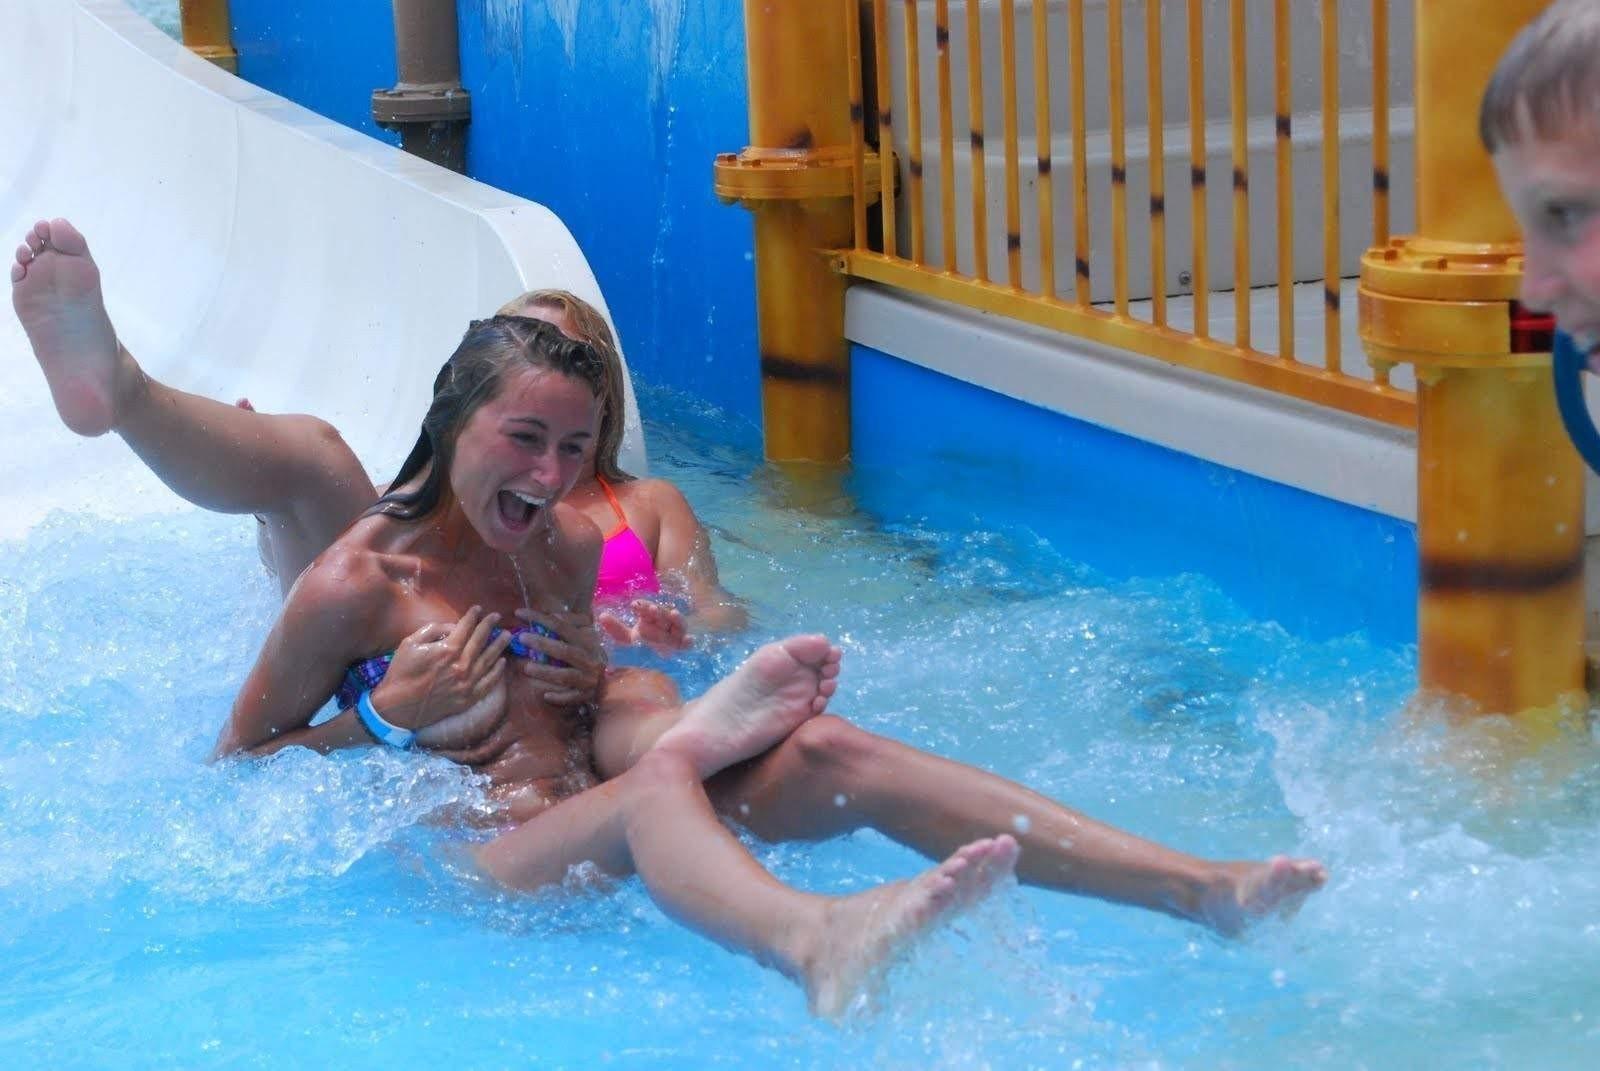 Nude Water Slide Nude Jpg